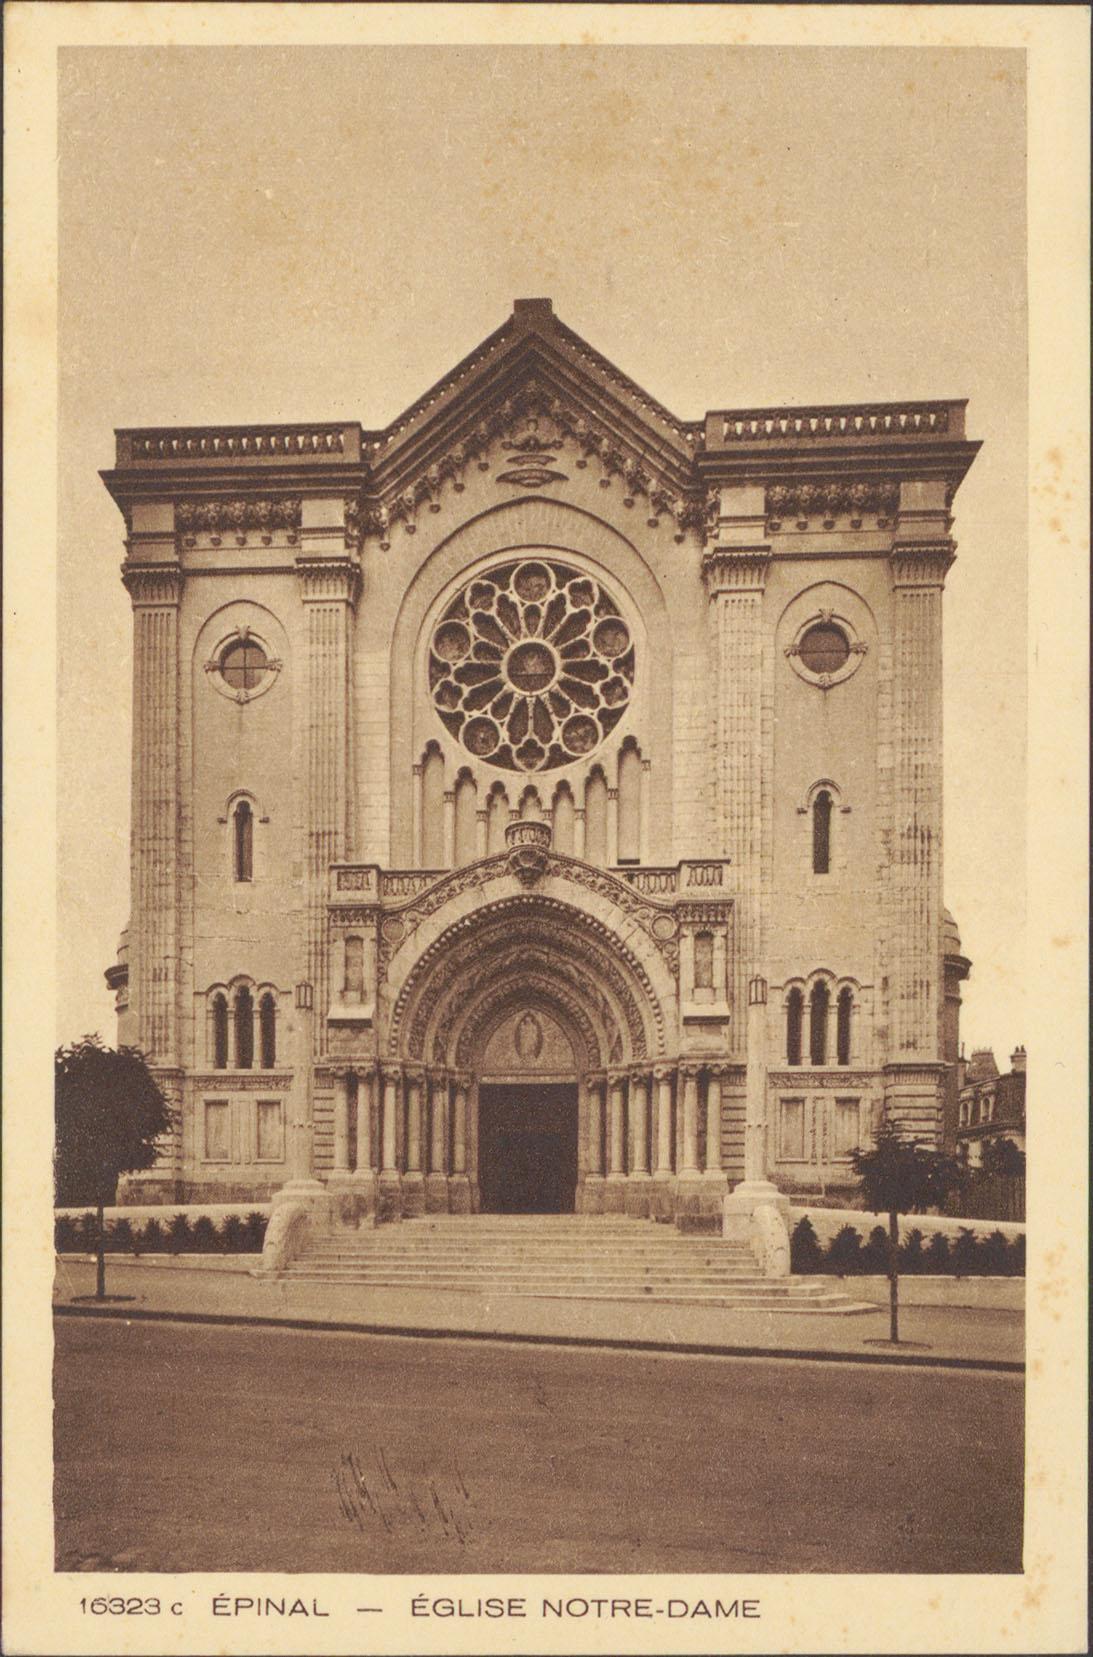 Contenu du Épinal, Église Notre-Dame